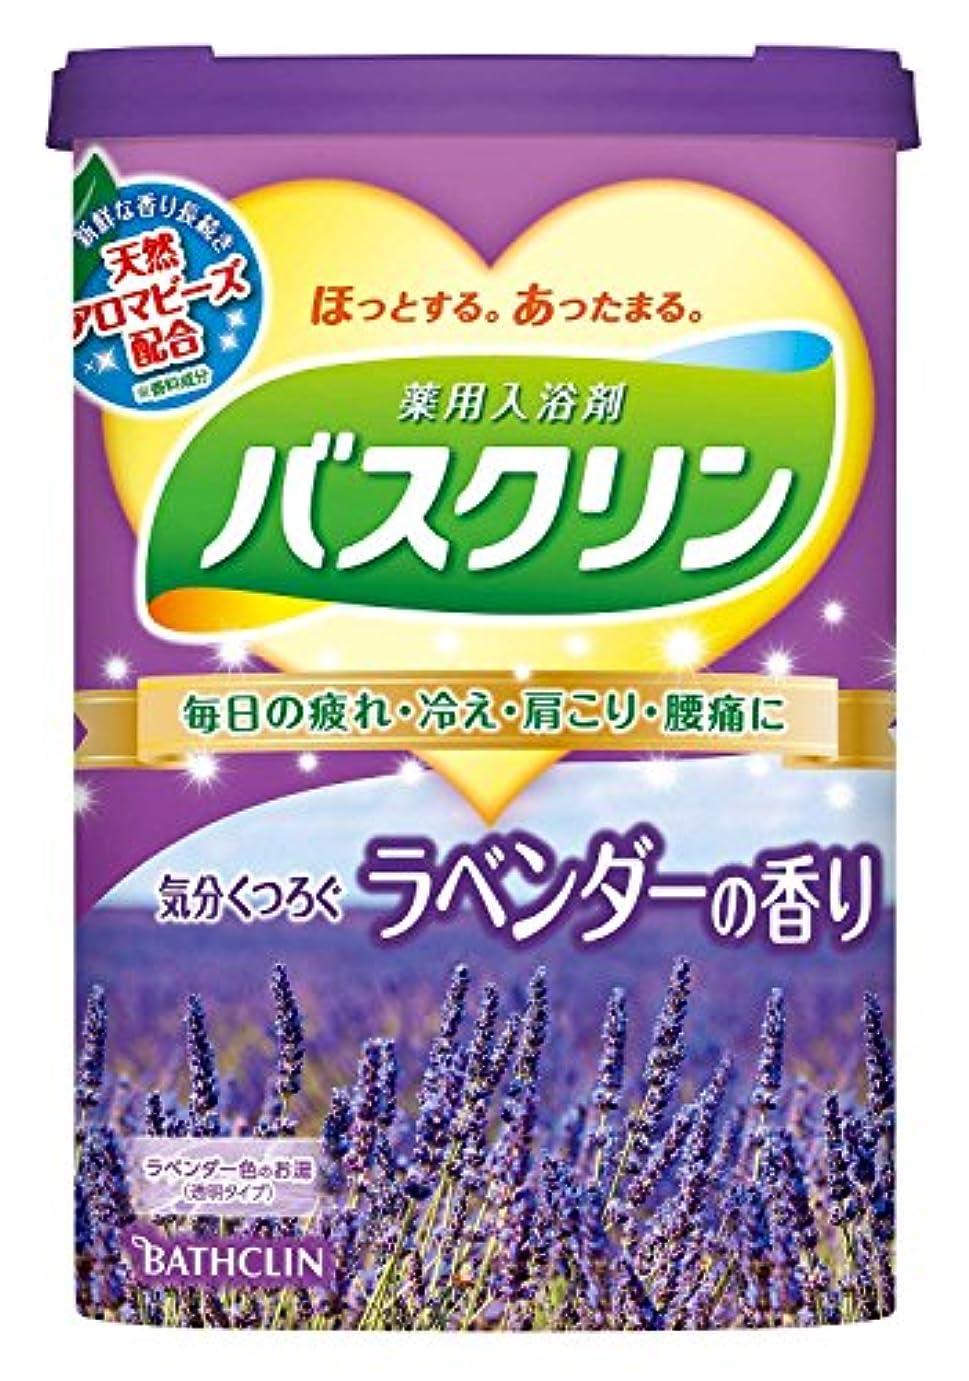 放映累積署名【医薬部外品】バスクリン ラベンダーの香り 600g 入浴剤